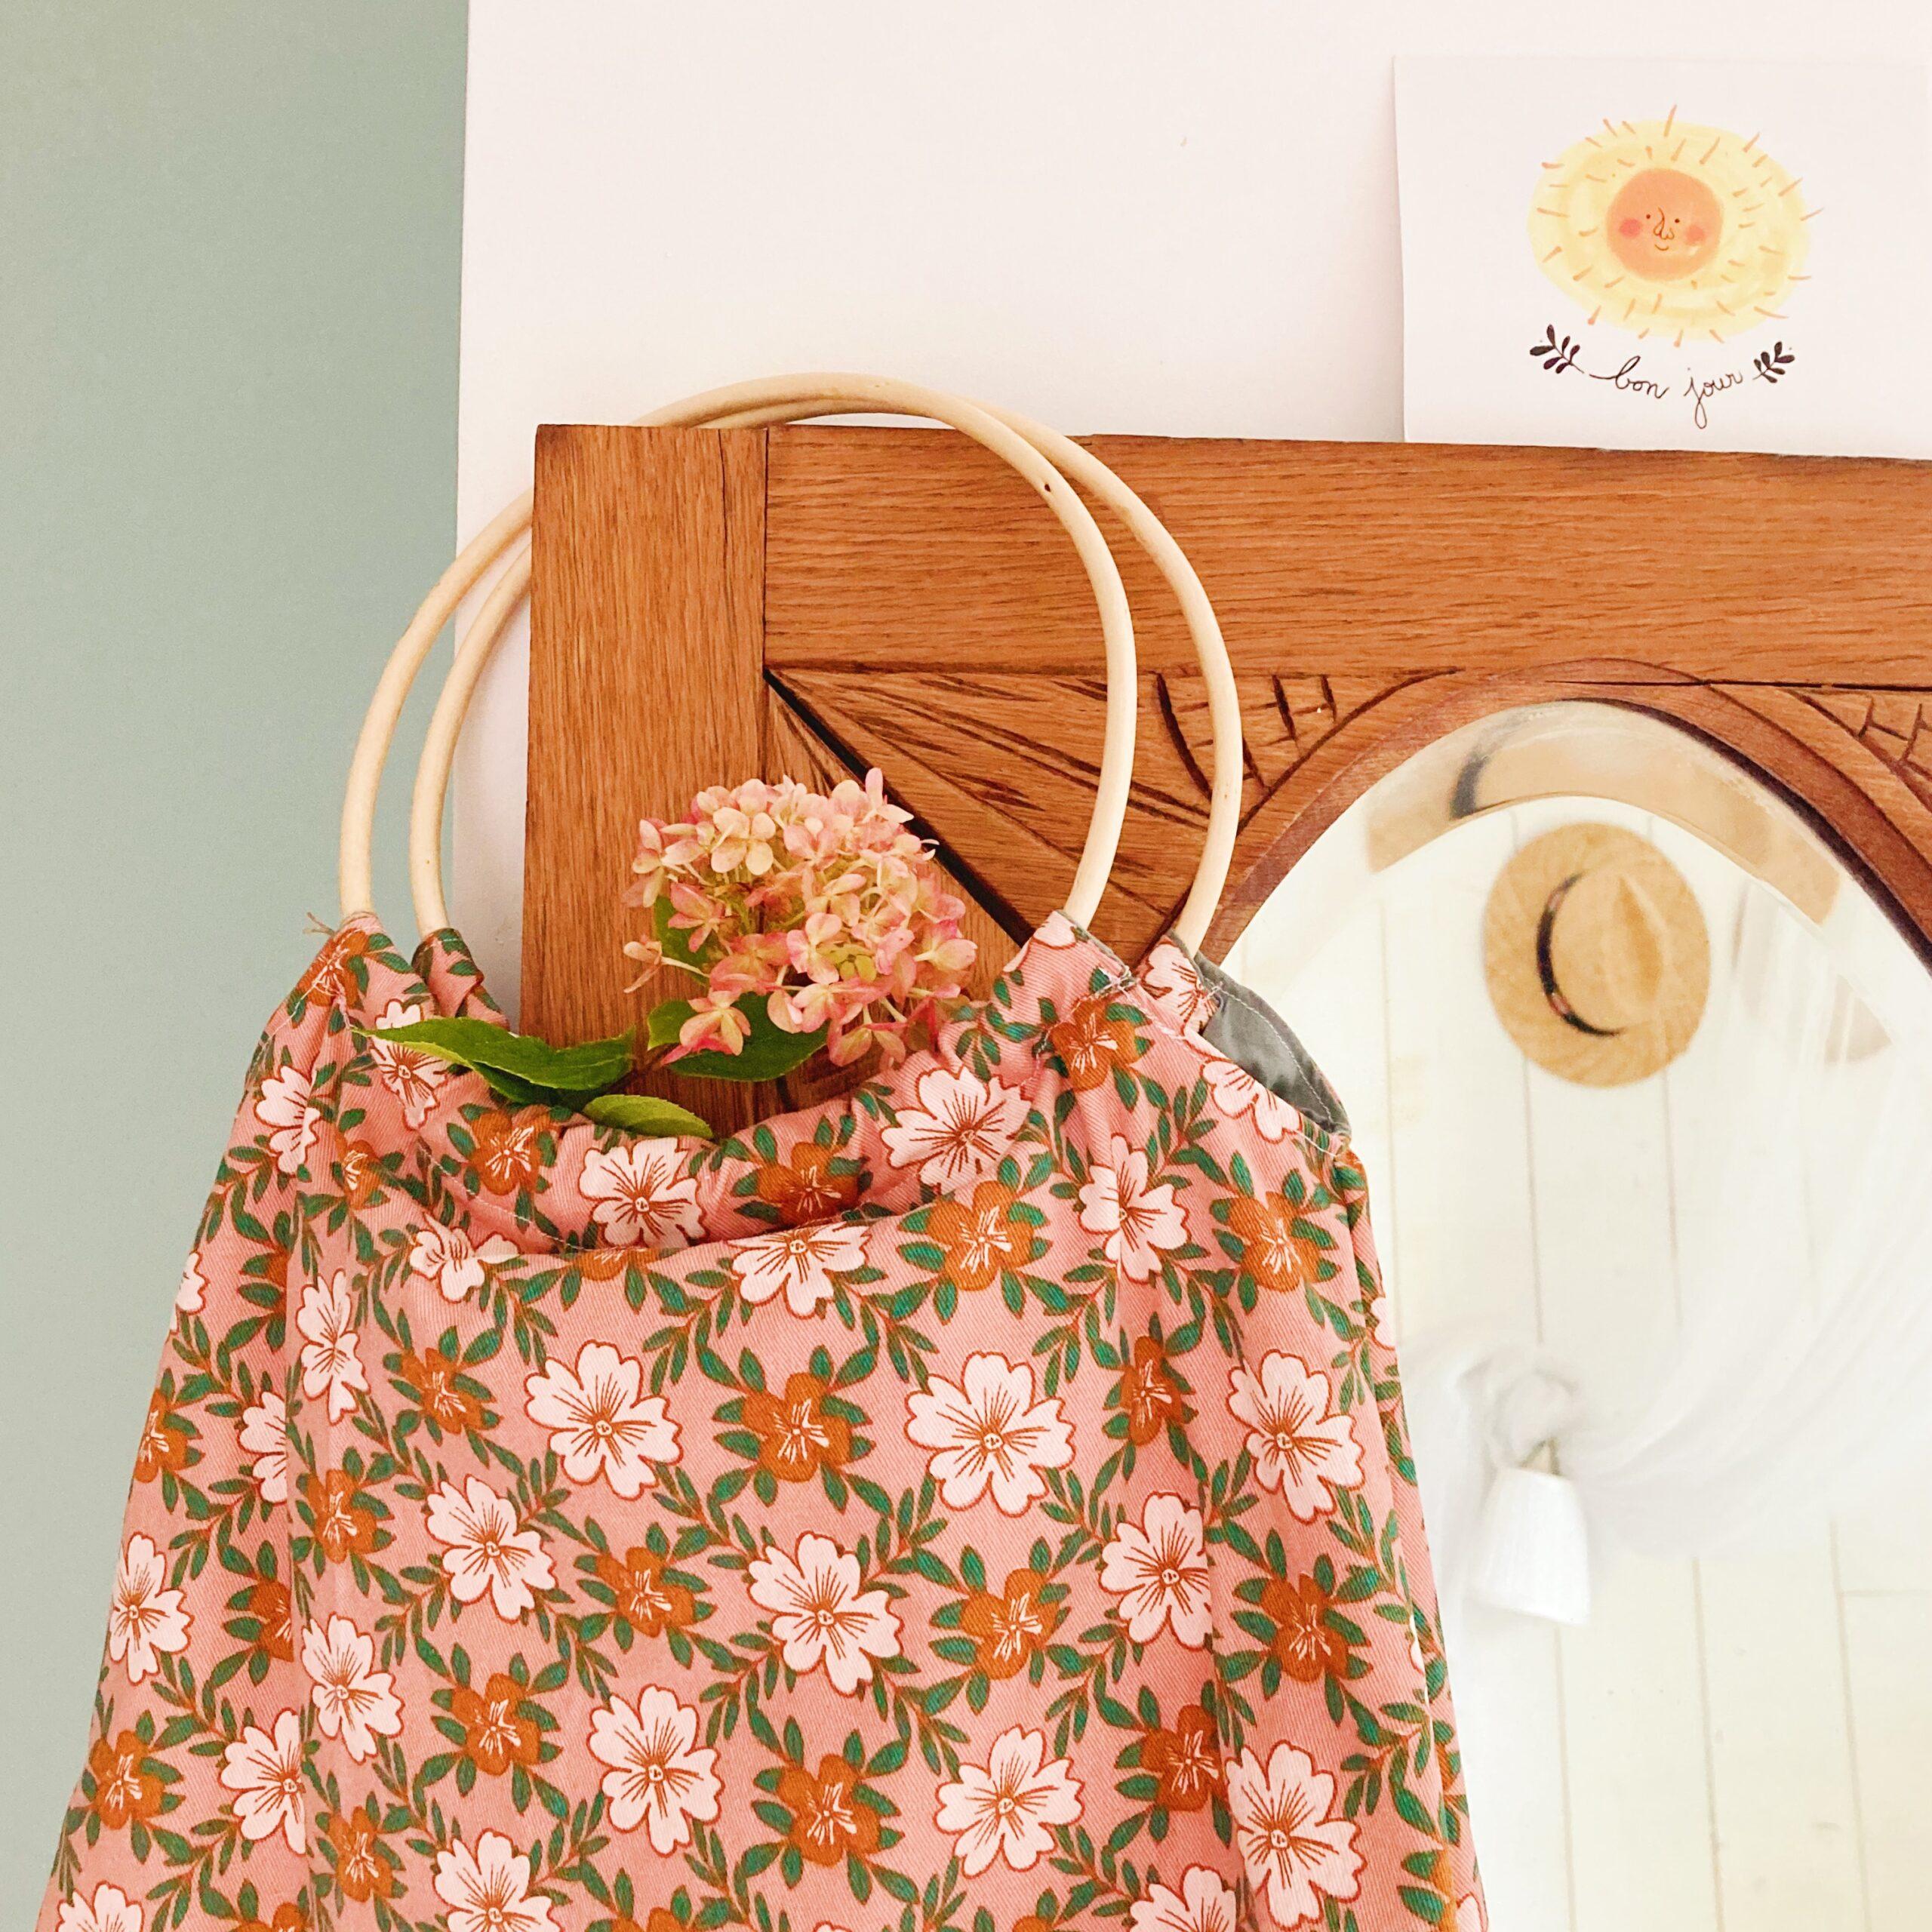 sac Paulette petit modèle fabrication artisanale française en coton floral - du vent dans mes valises